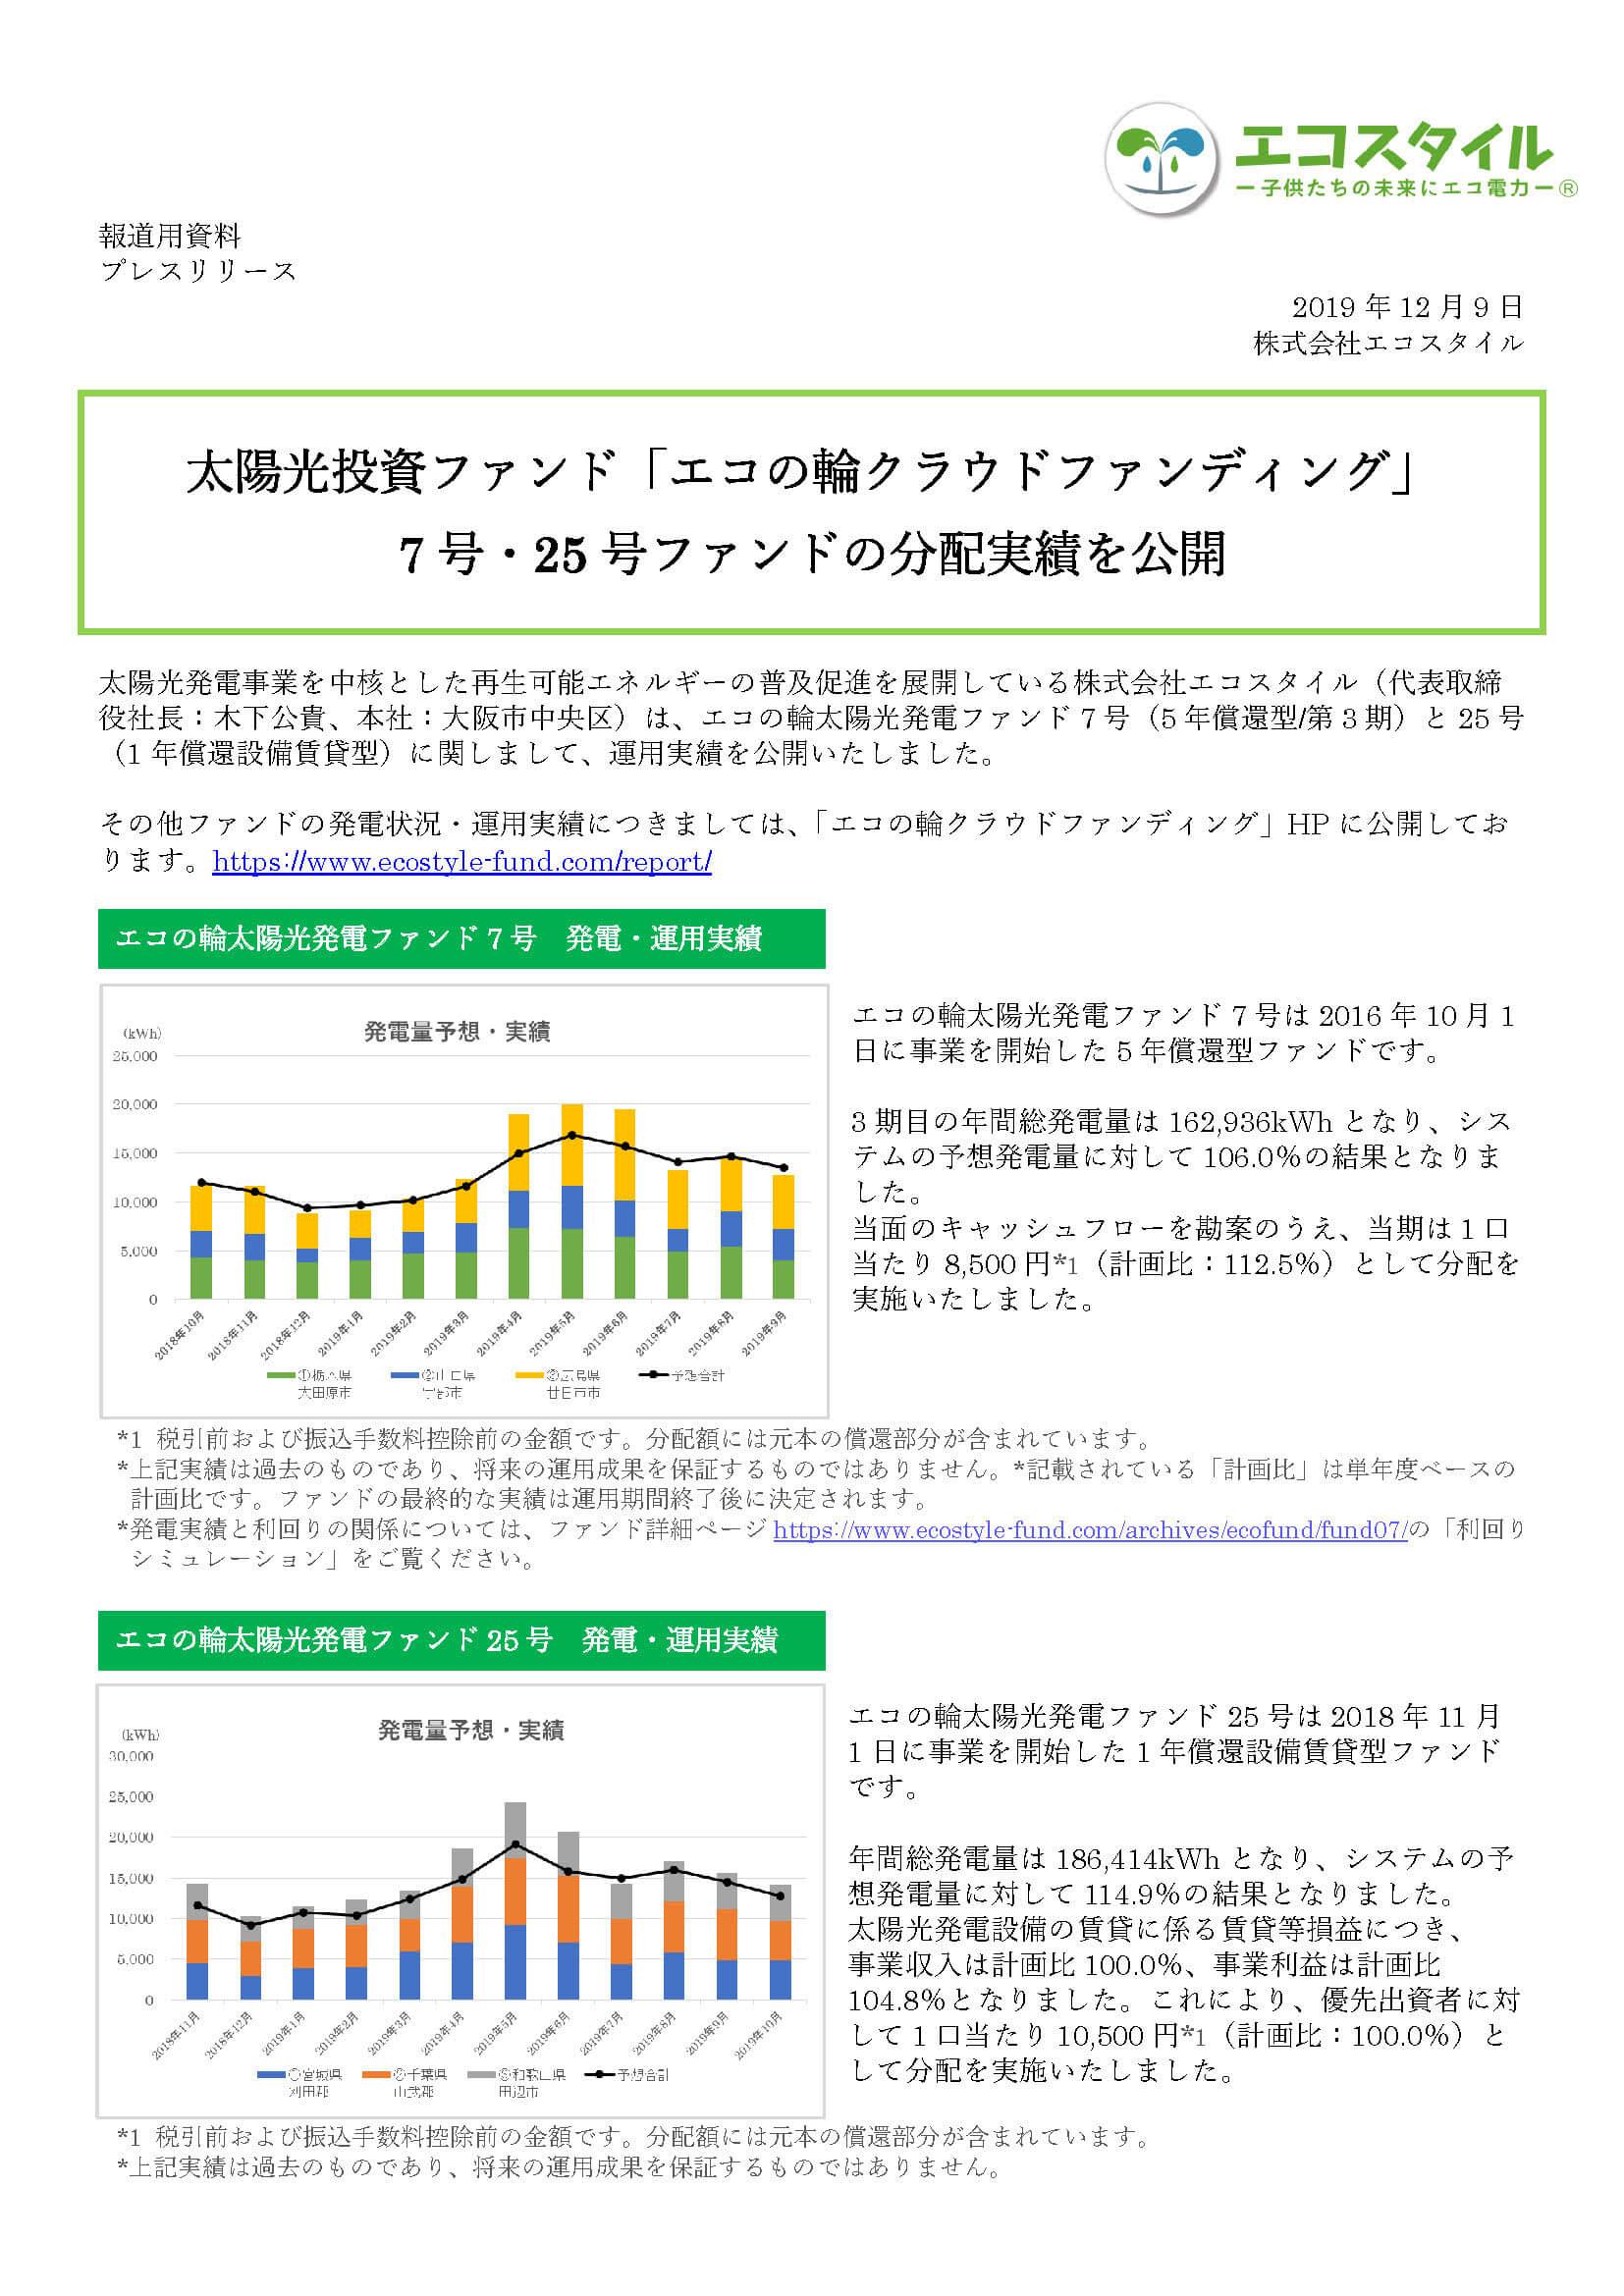 エコの輪クラウドファンディング7号・25号ファンドの分配実績を公開